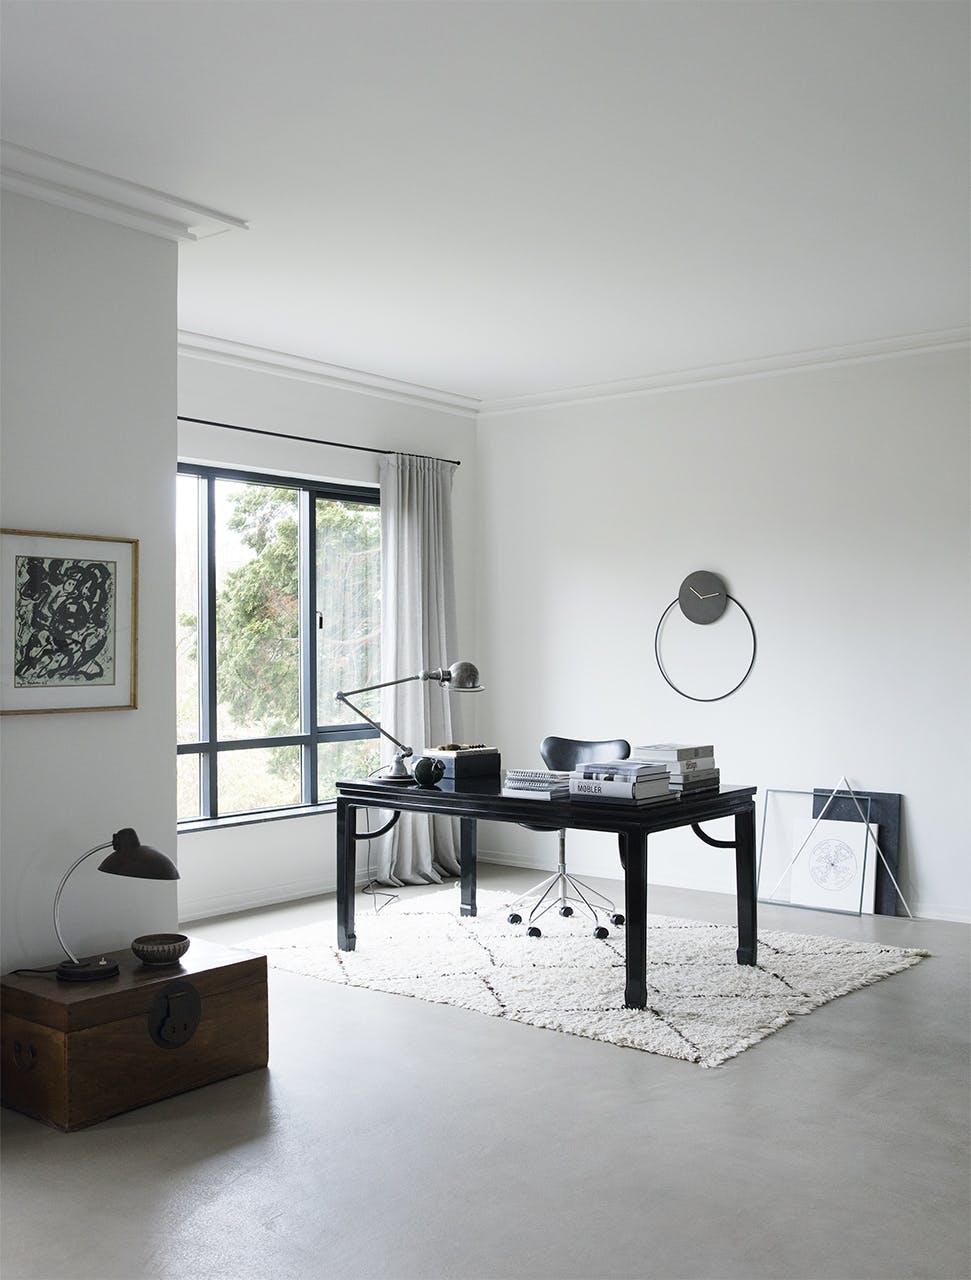 funkis hus frederiksberg indretning kontor hjemmekontor